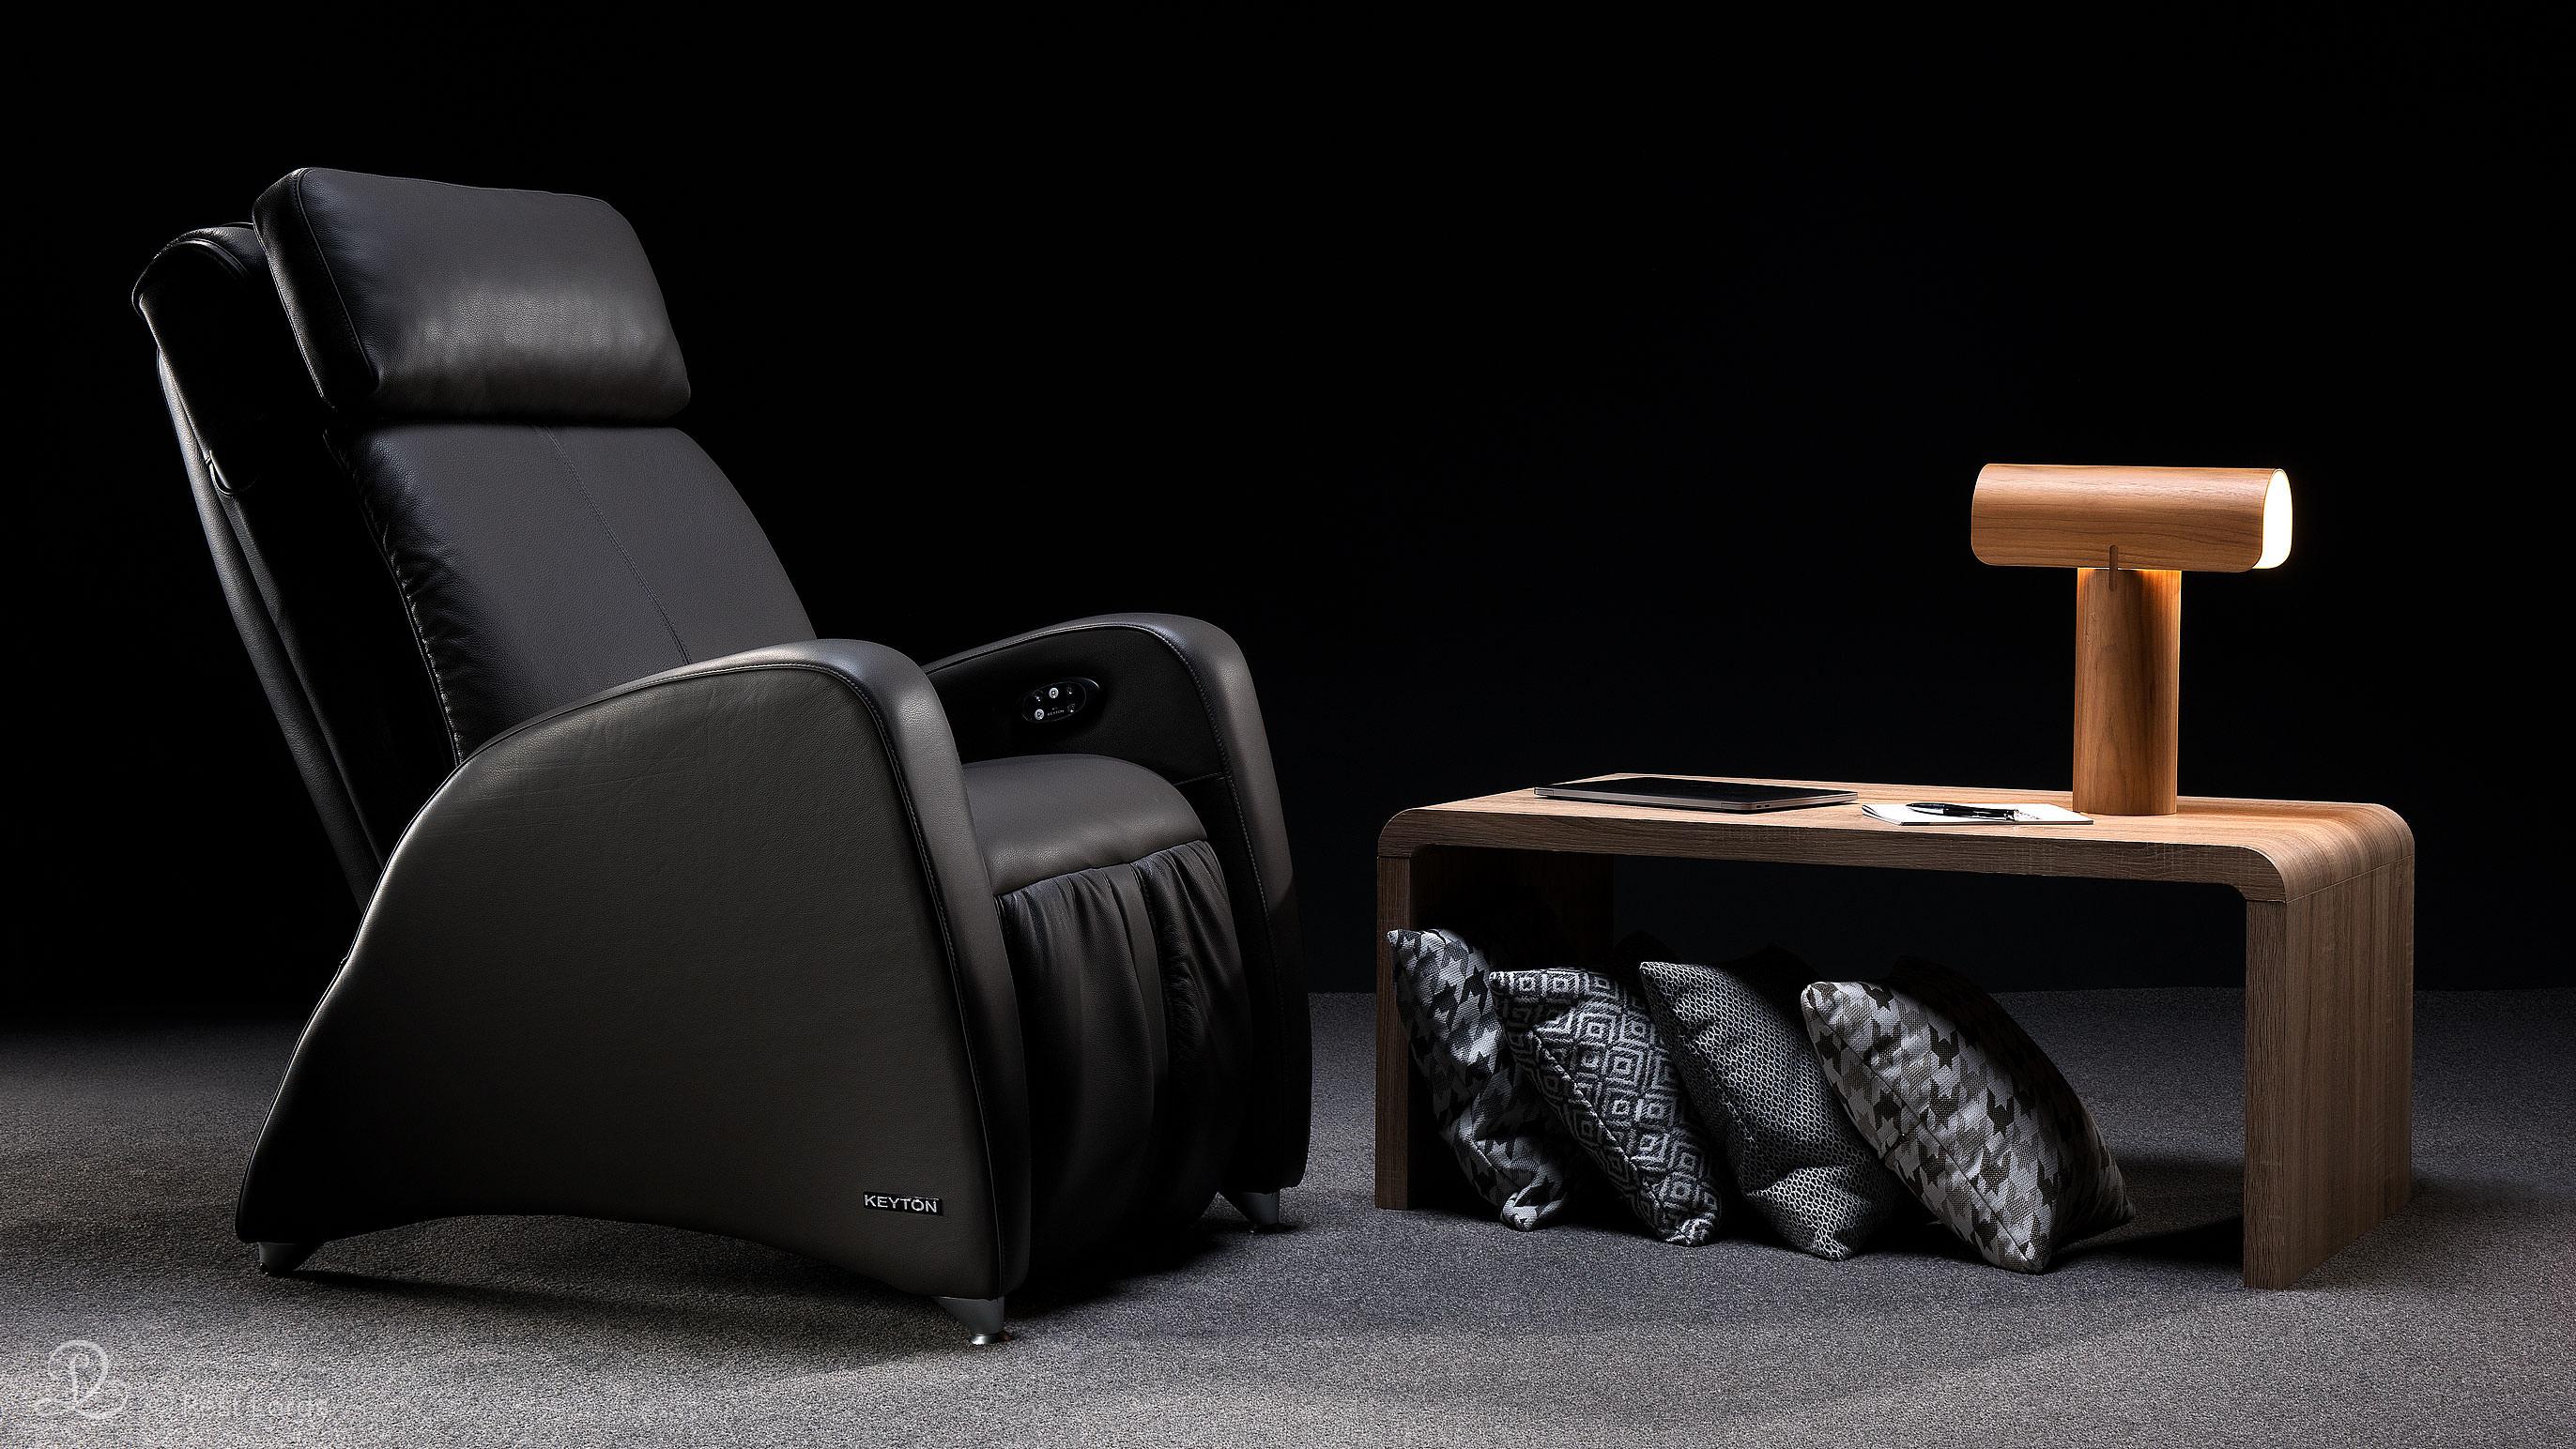 Keyton H10 Deco Fotel masujący aranżacja